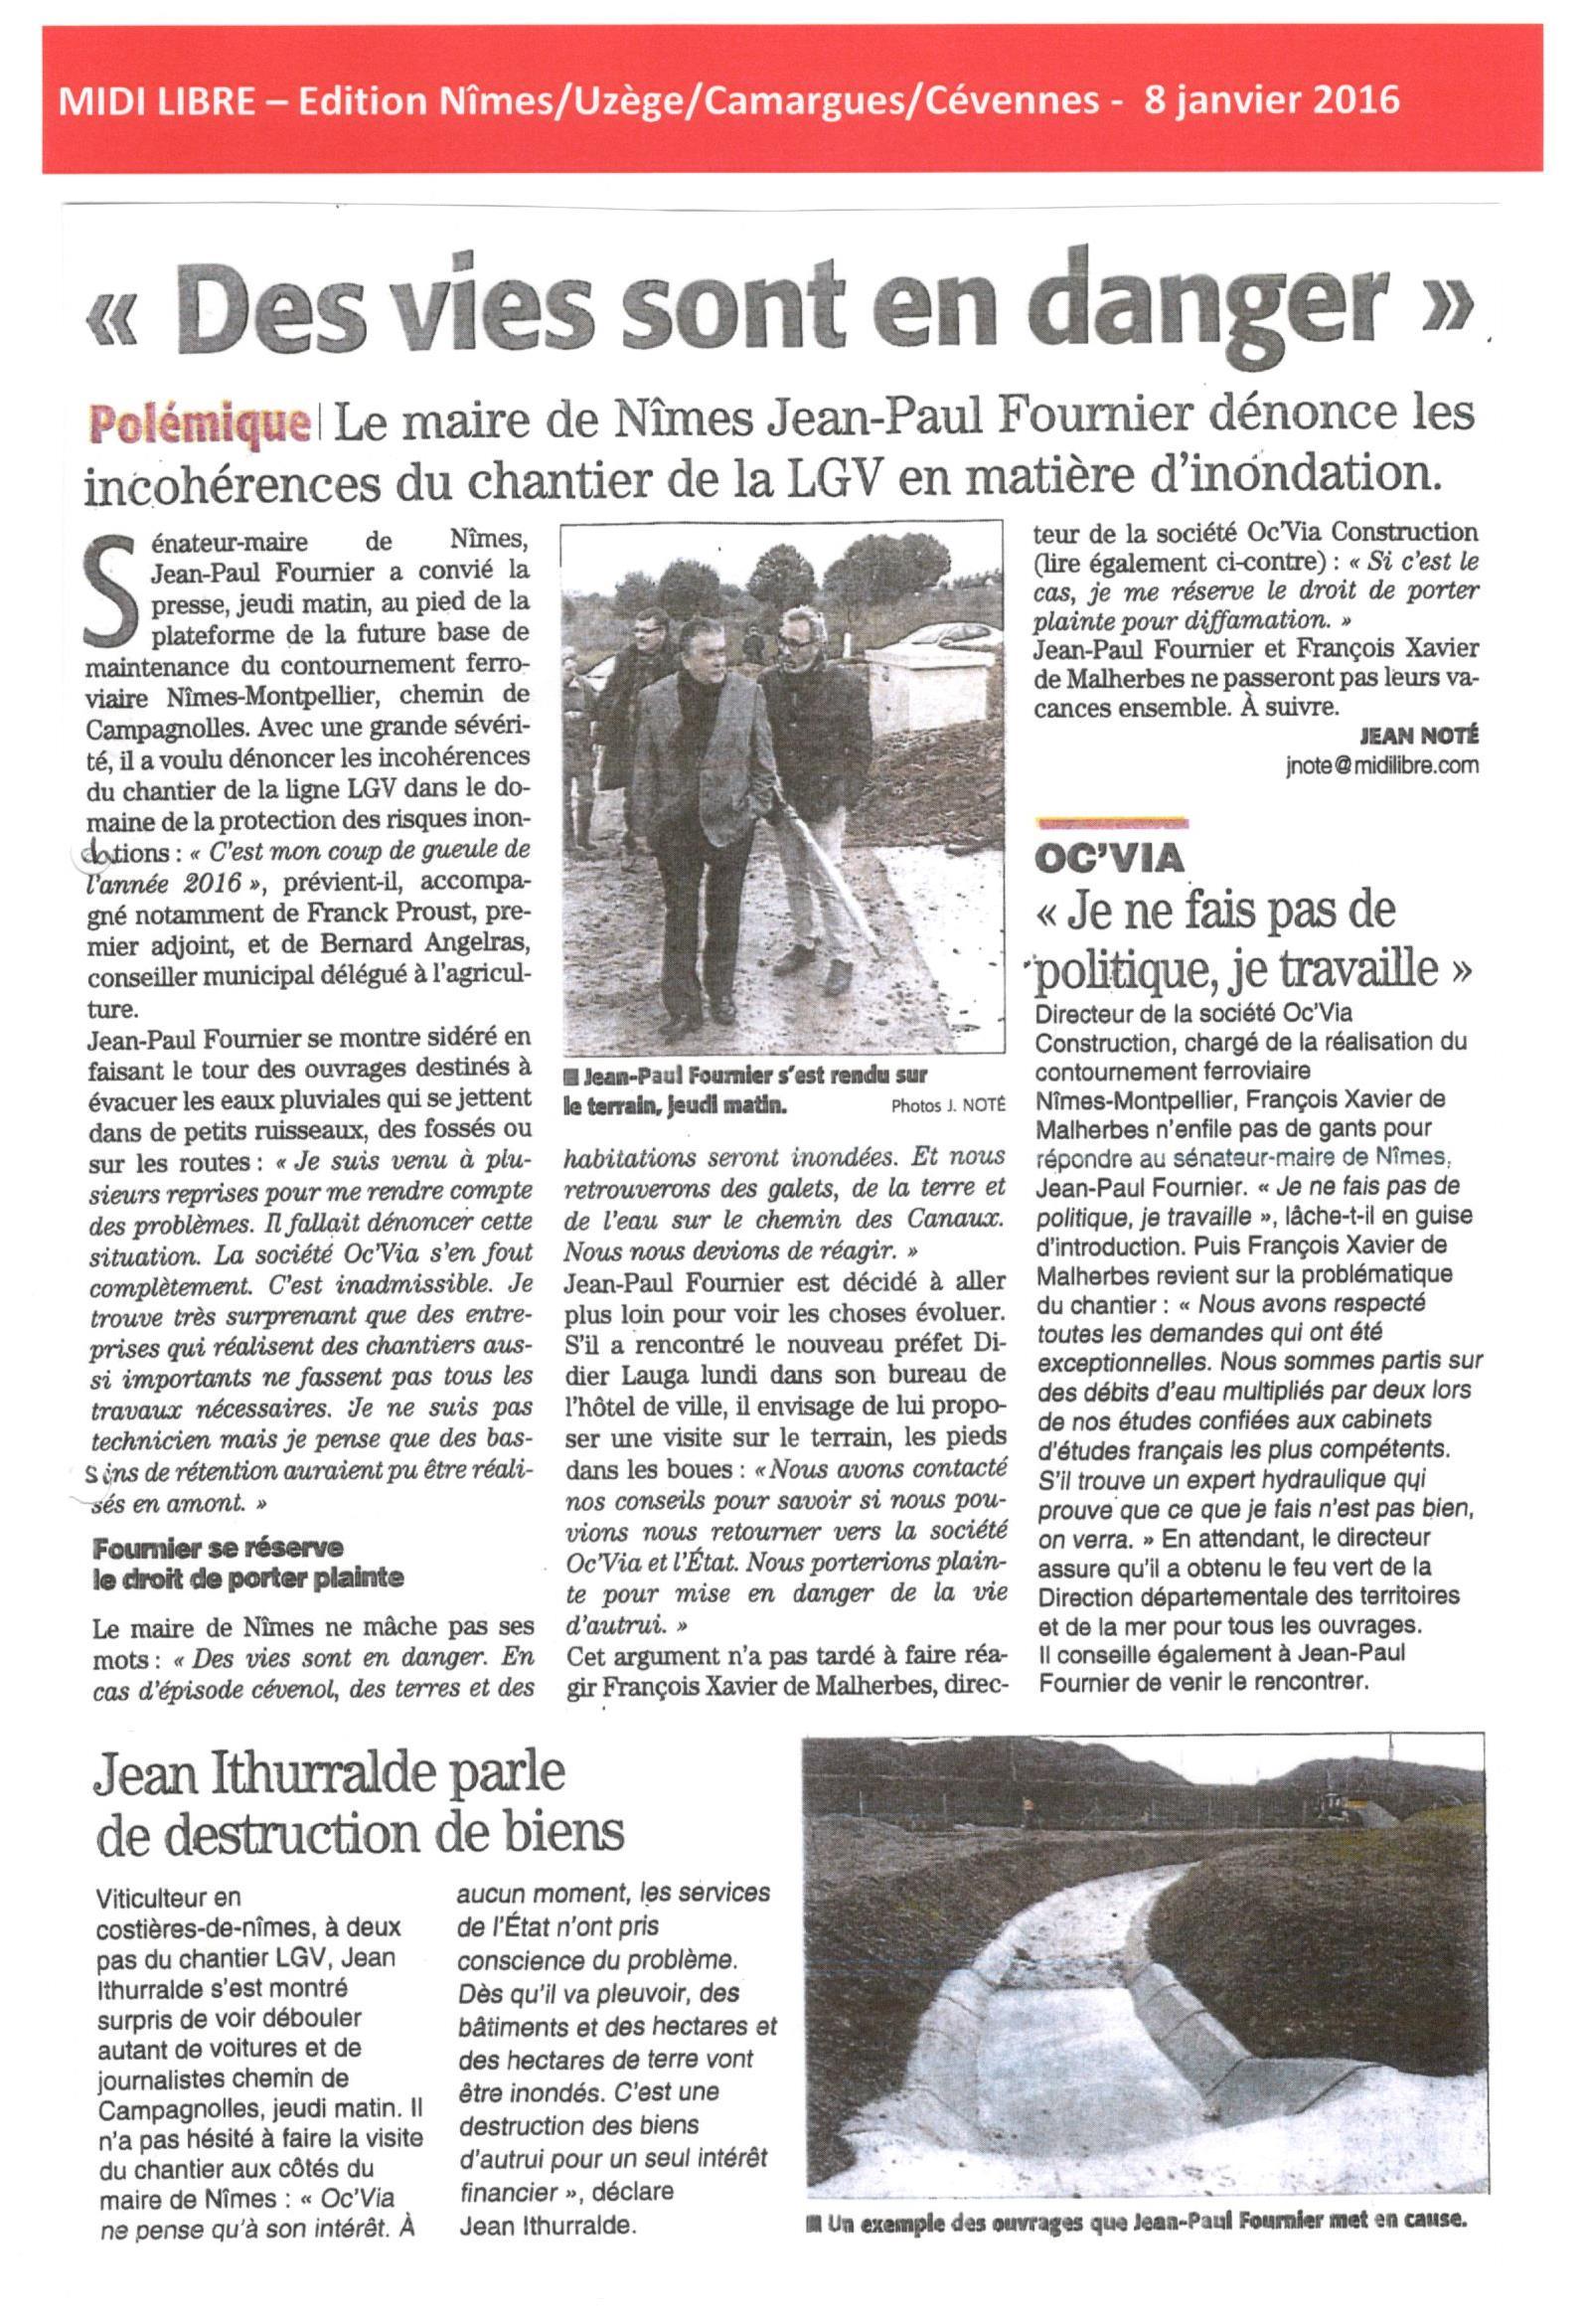 Le maire de Nîmes Jean-Paul Fournier dénonce les incohérences du chantier LGV en matière d'inondation